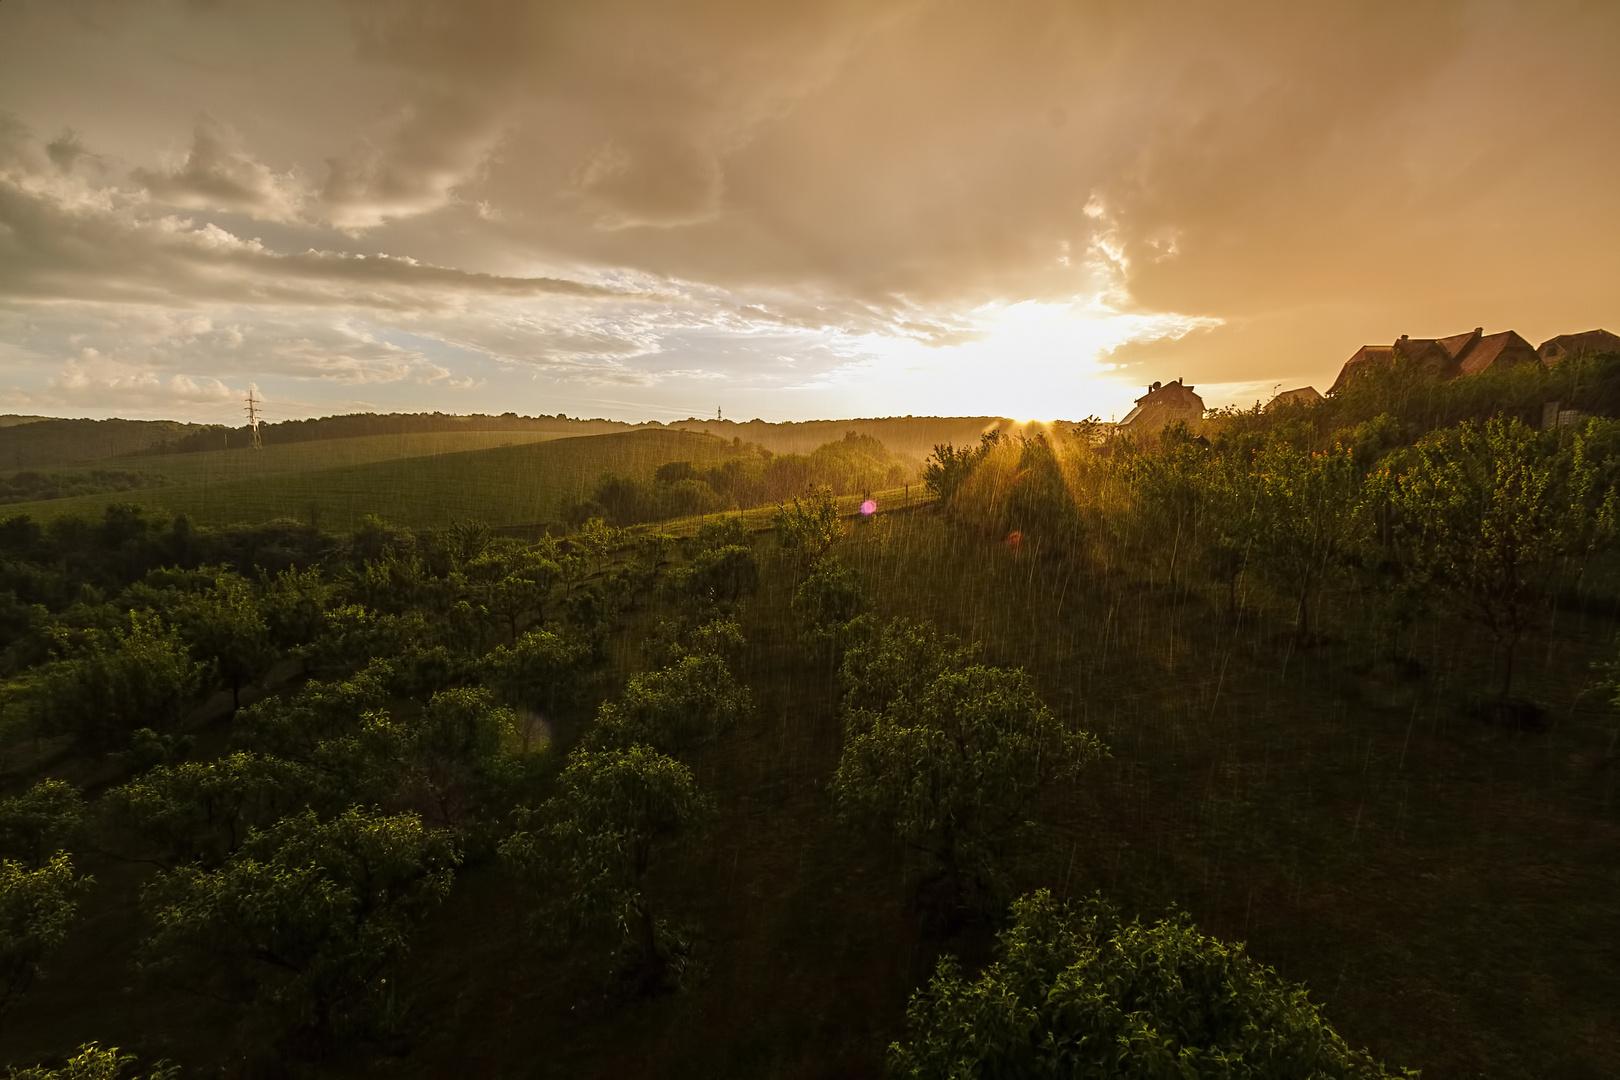 regnerischer Abend